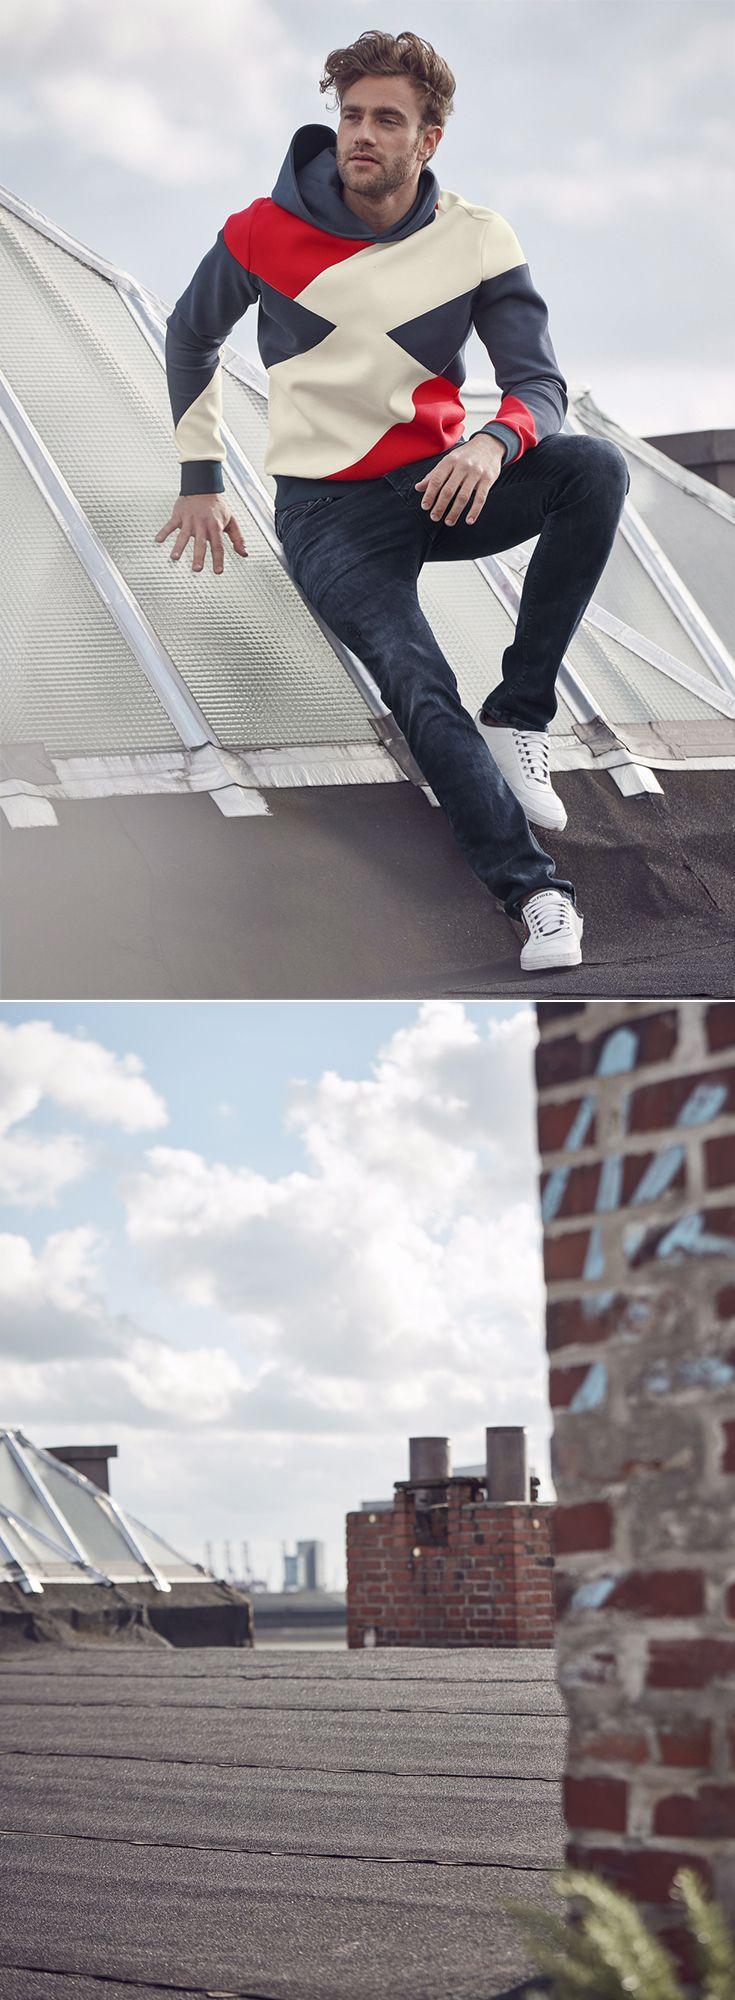 Echte Männer haben Ecken und Kanten – echte Trend-Looks auch! So wie das Hilfiger Denim Kapuzensweatshirt mit angesagtem Colorblocking, das zur Jeans in rauchigem Schwarz-Blau besonders gut aussieht. Die Tommy Hilfiger Sneaker führen das trendige Farbspiel weiter, sodass ein rundum cooler Look entsteht.